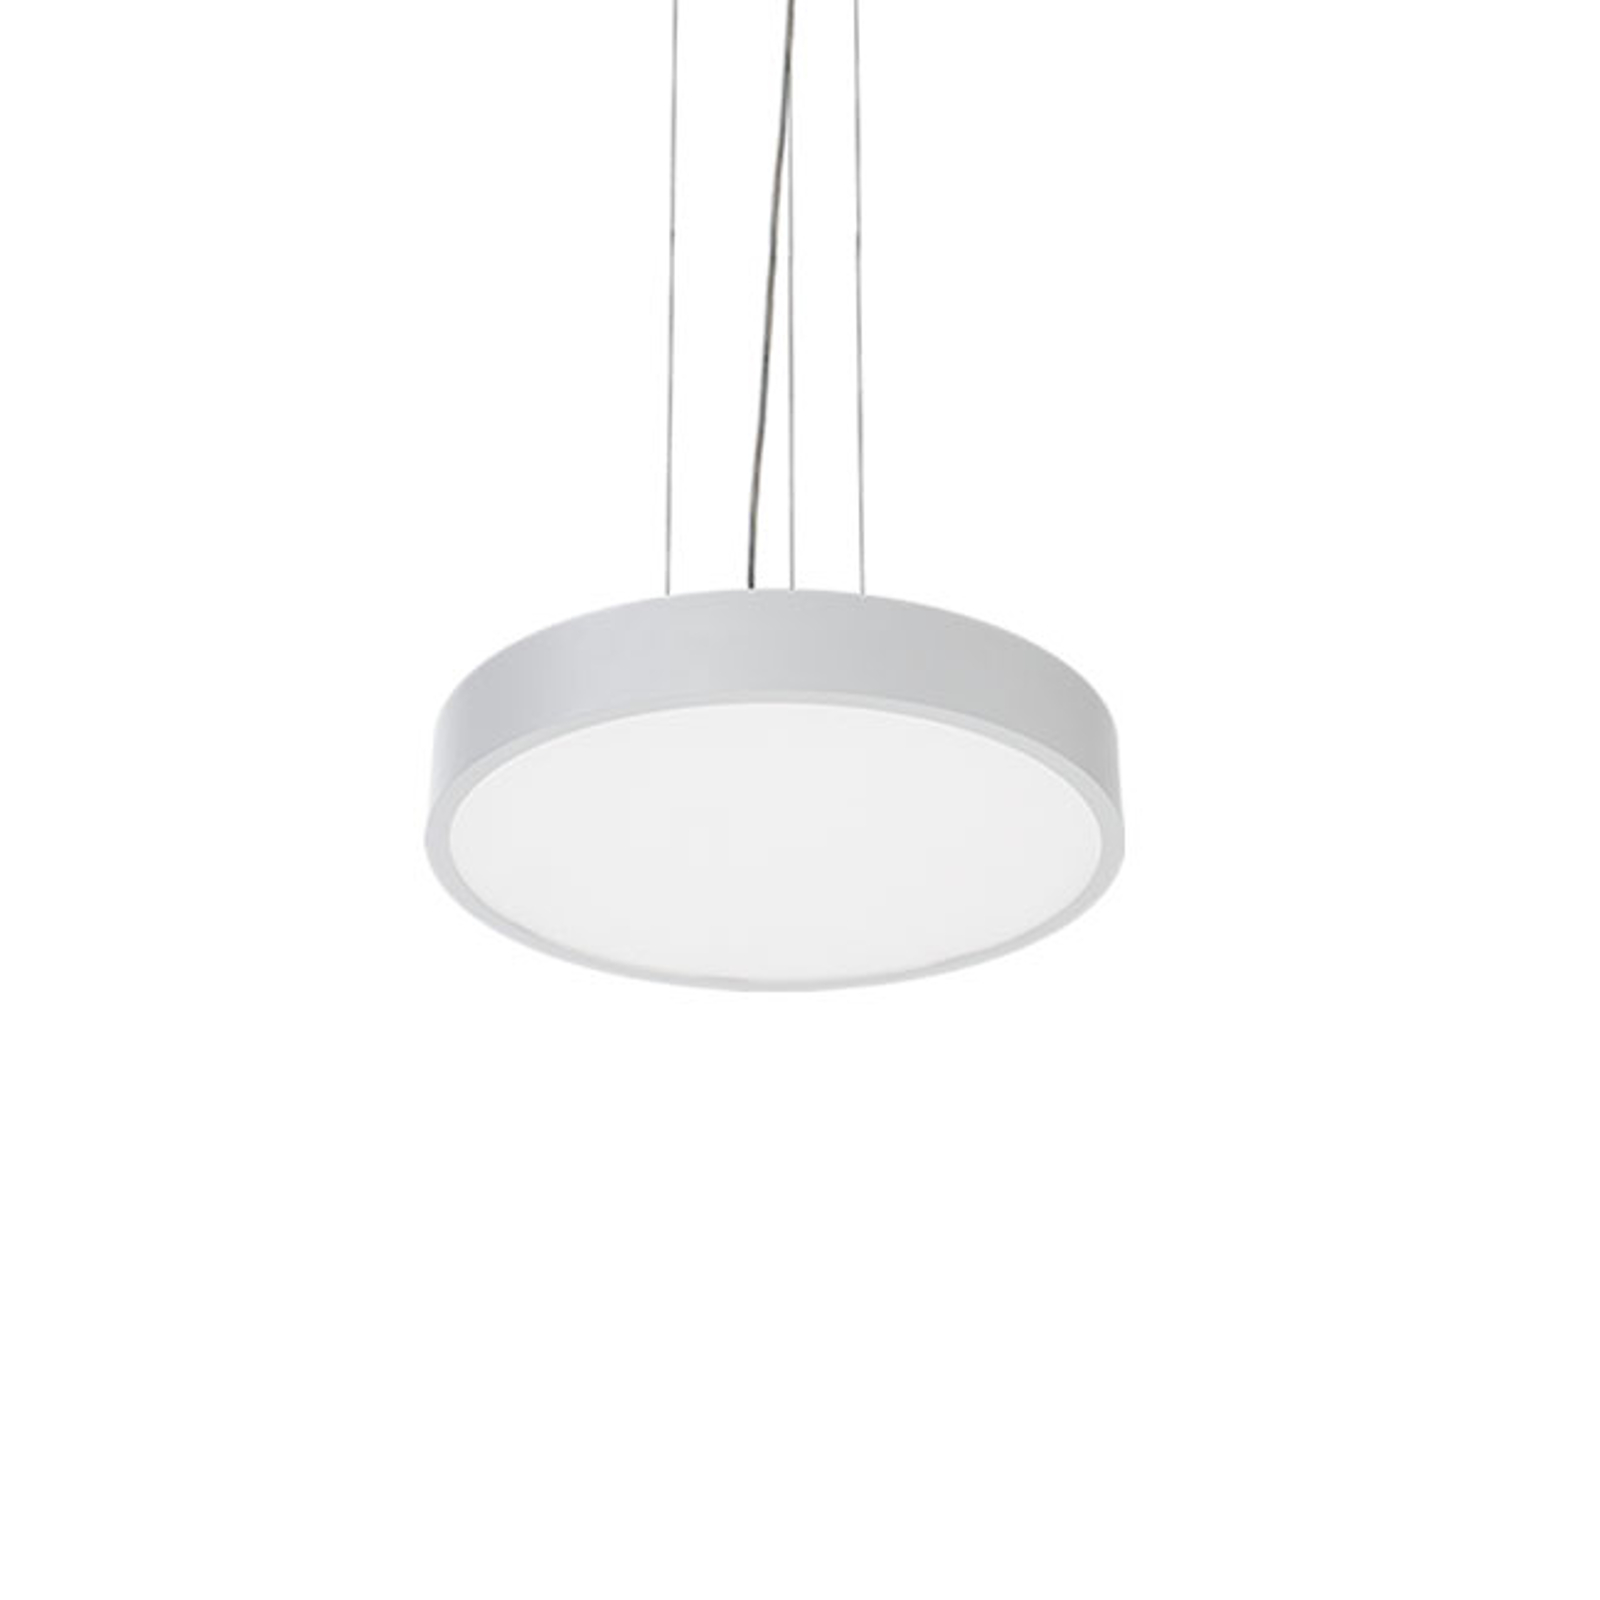 LED-riippuvalaisin C90-P Ø 57 cm 3 000 K valkoinen